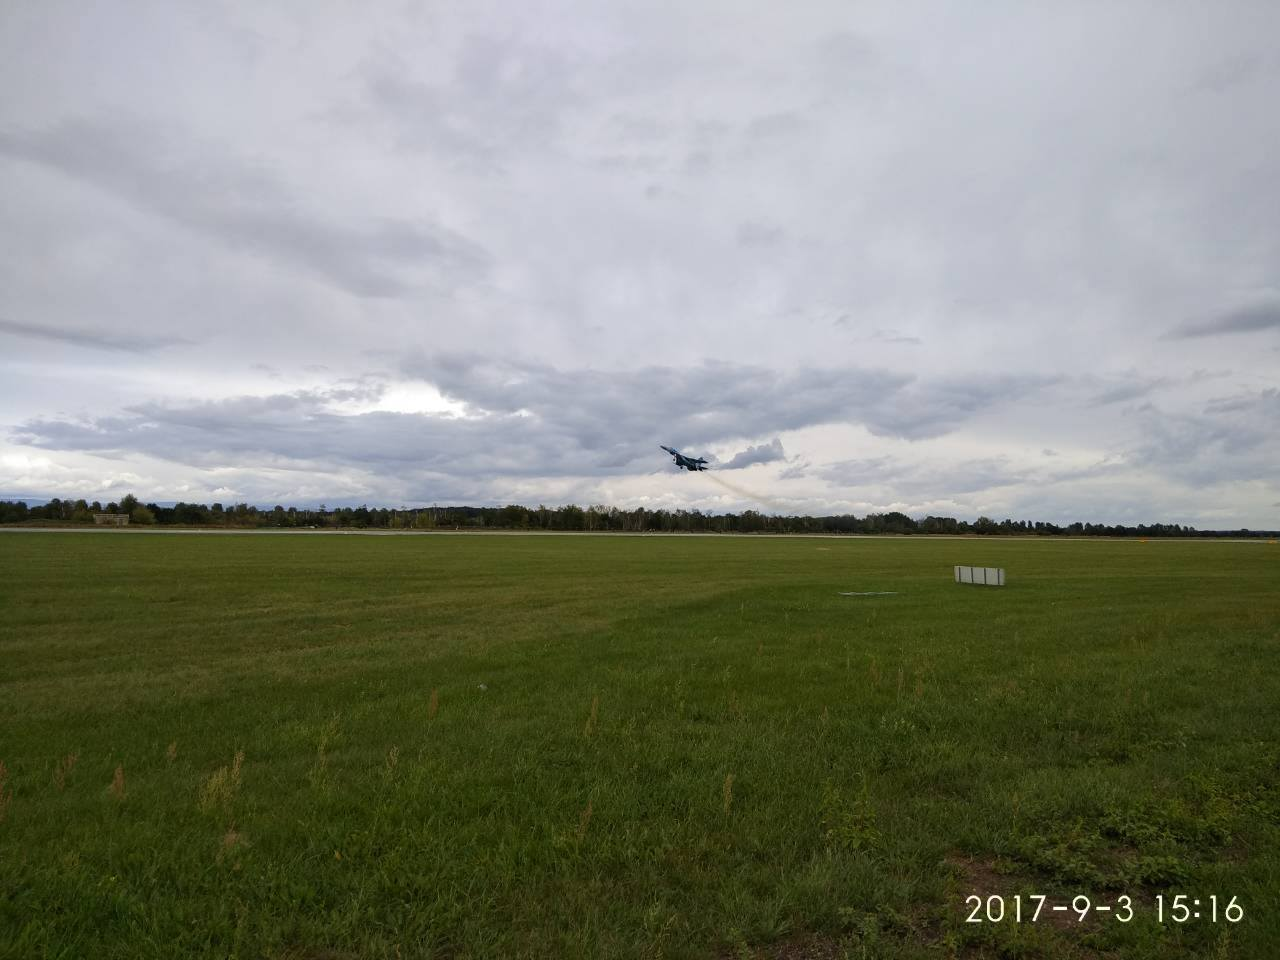 Украинский летчик победил намеждународном авиапоказе вЧехии